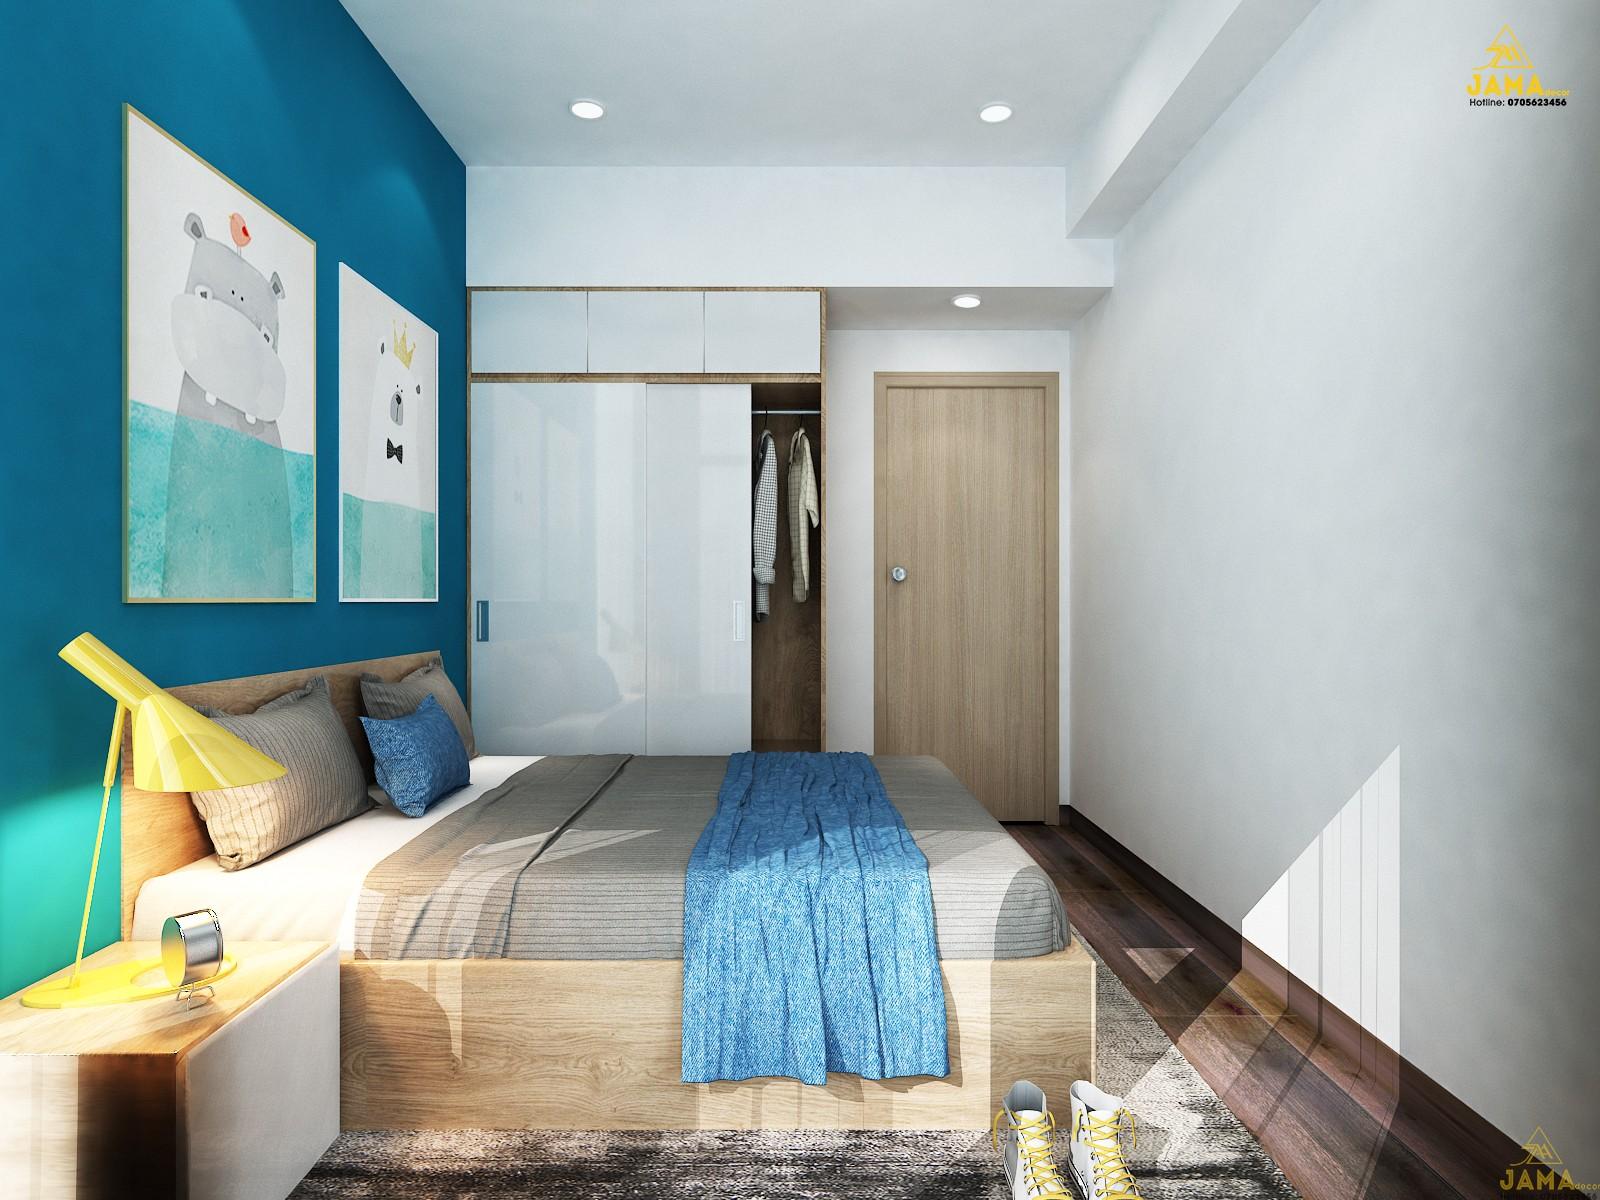 Thiết kế nội thất phòng ngủ bé căn hộ The Sun Avenue.